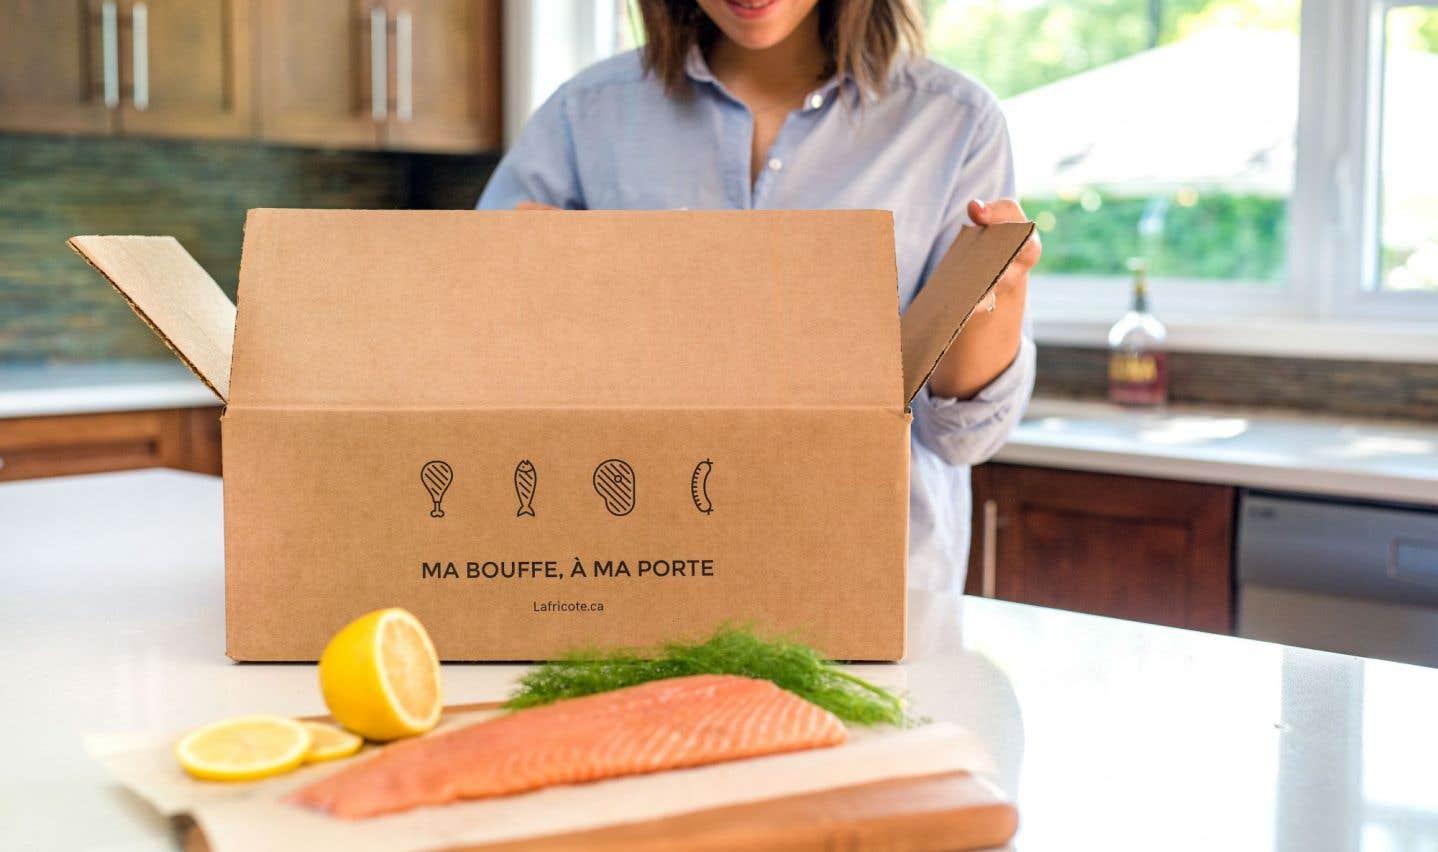 Présentés dans une boîte-glacière, les produits sont maintenus à une température conforme aux normes établies par le ministère de l'Agriculture, des Pêcheries et de l'Alimentation du Québec (MAPAQ).